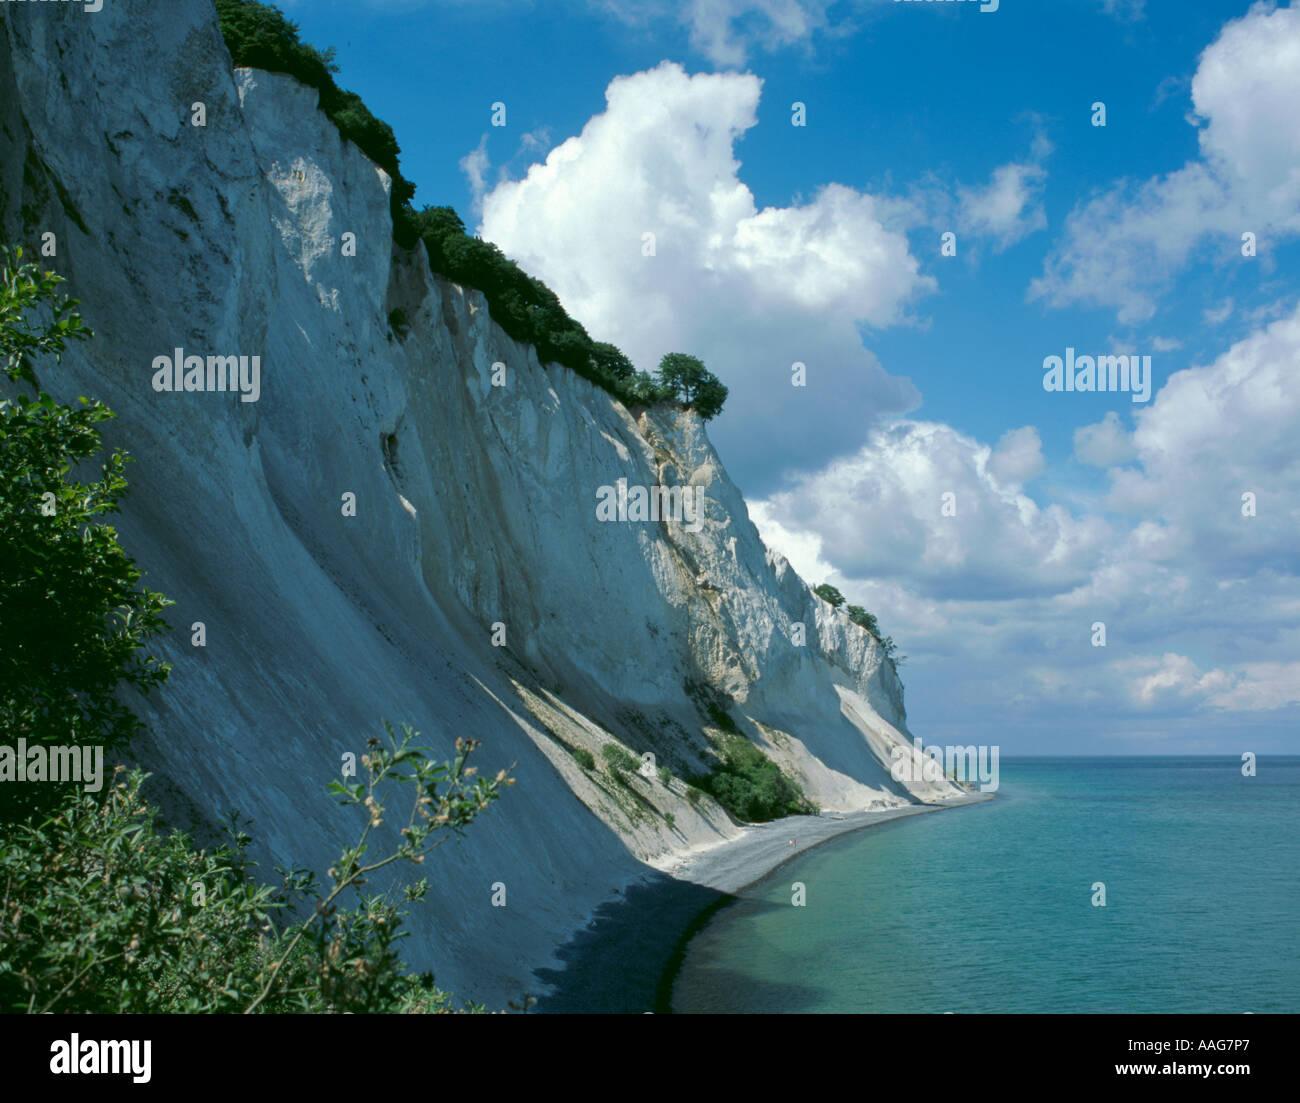 Craie précipitée falaises de møns klint, Møn, danemark Banque D'Images